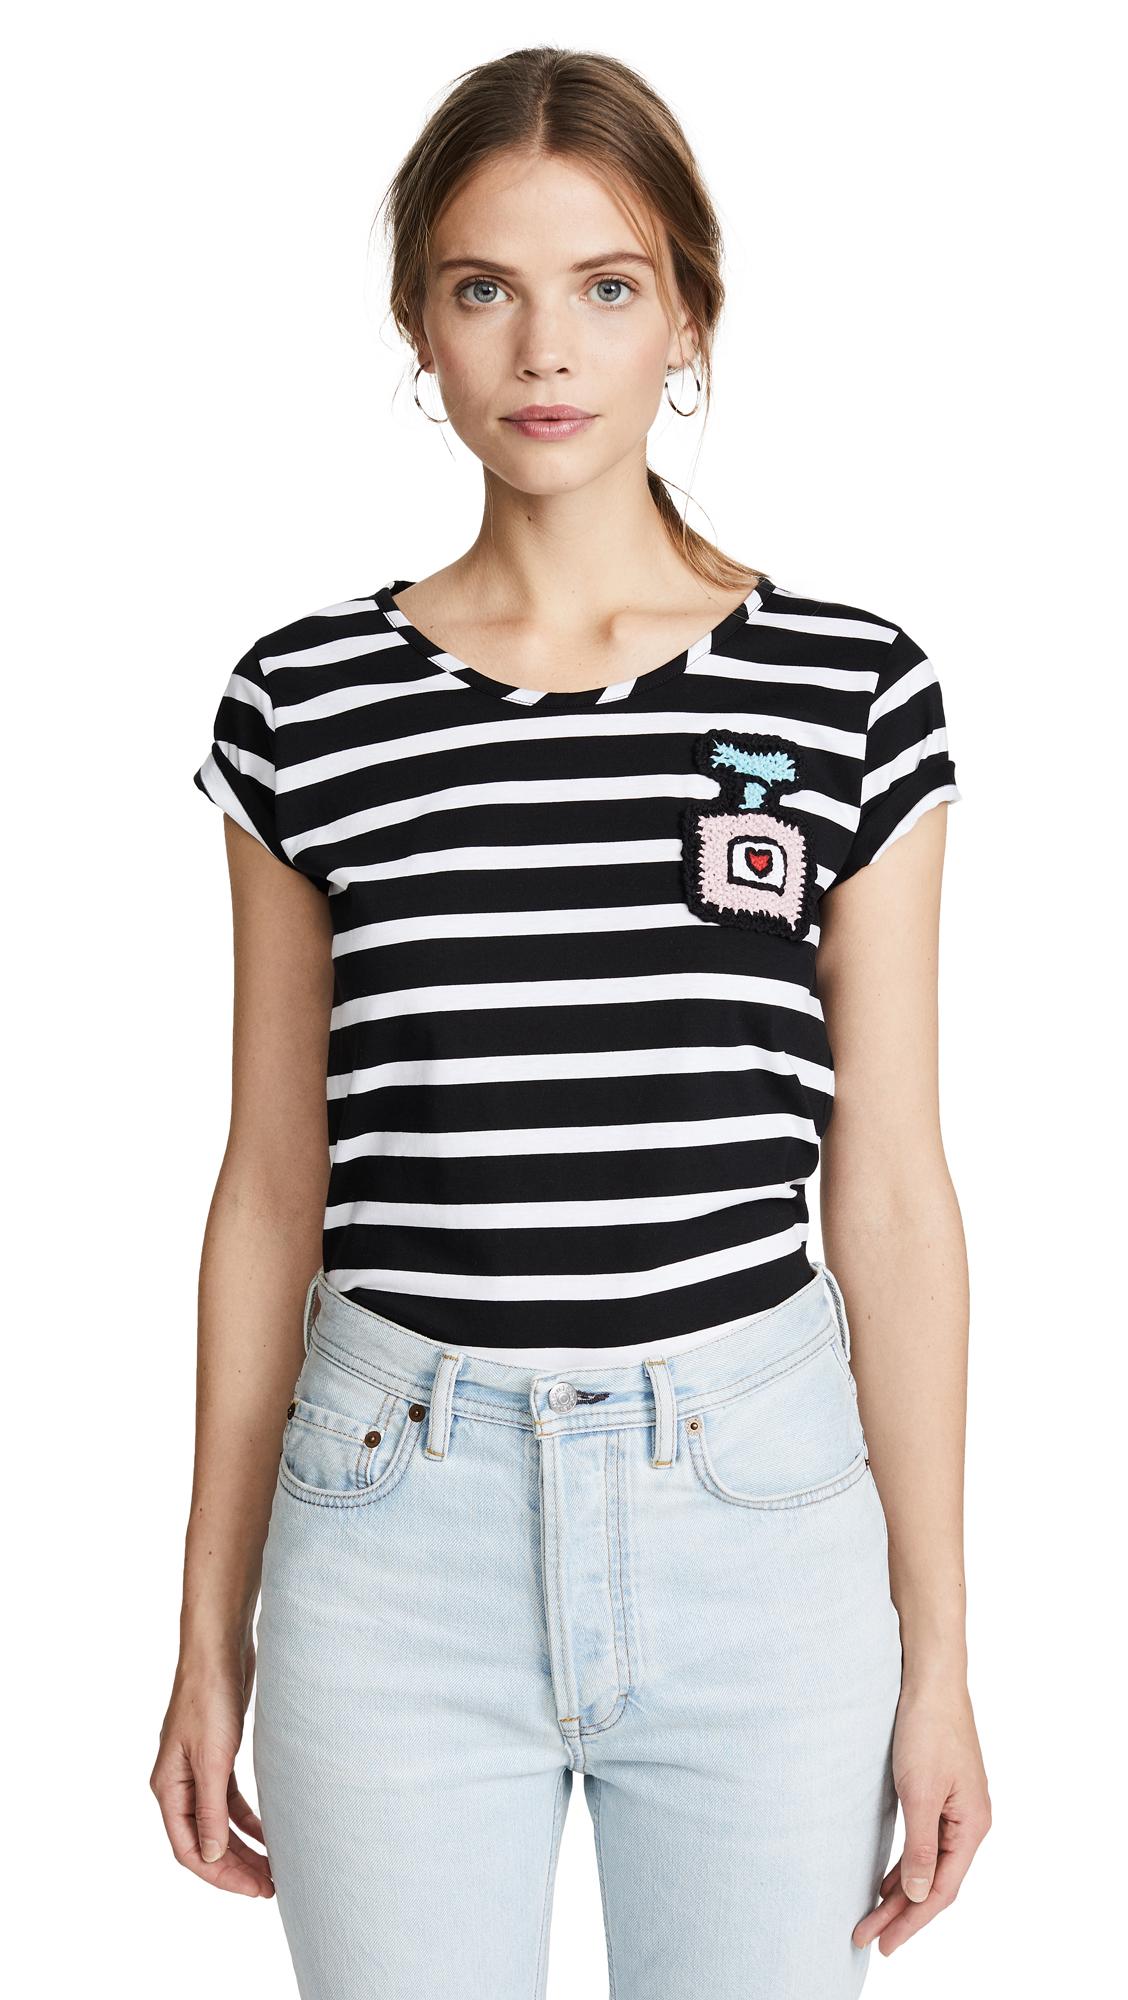 Michaela Buerger Perfume Bottle T-Shirt - Black/White